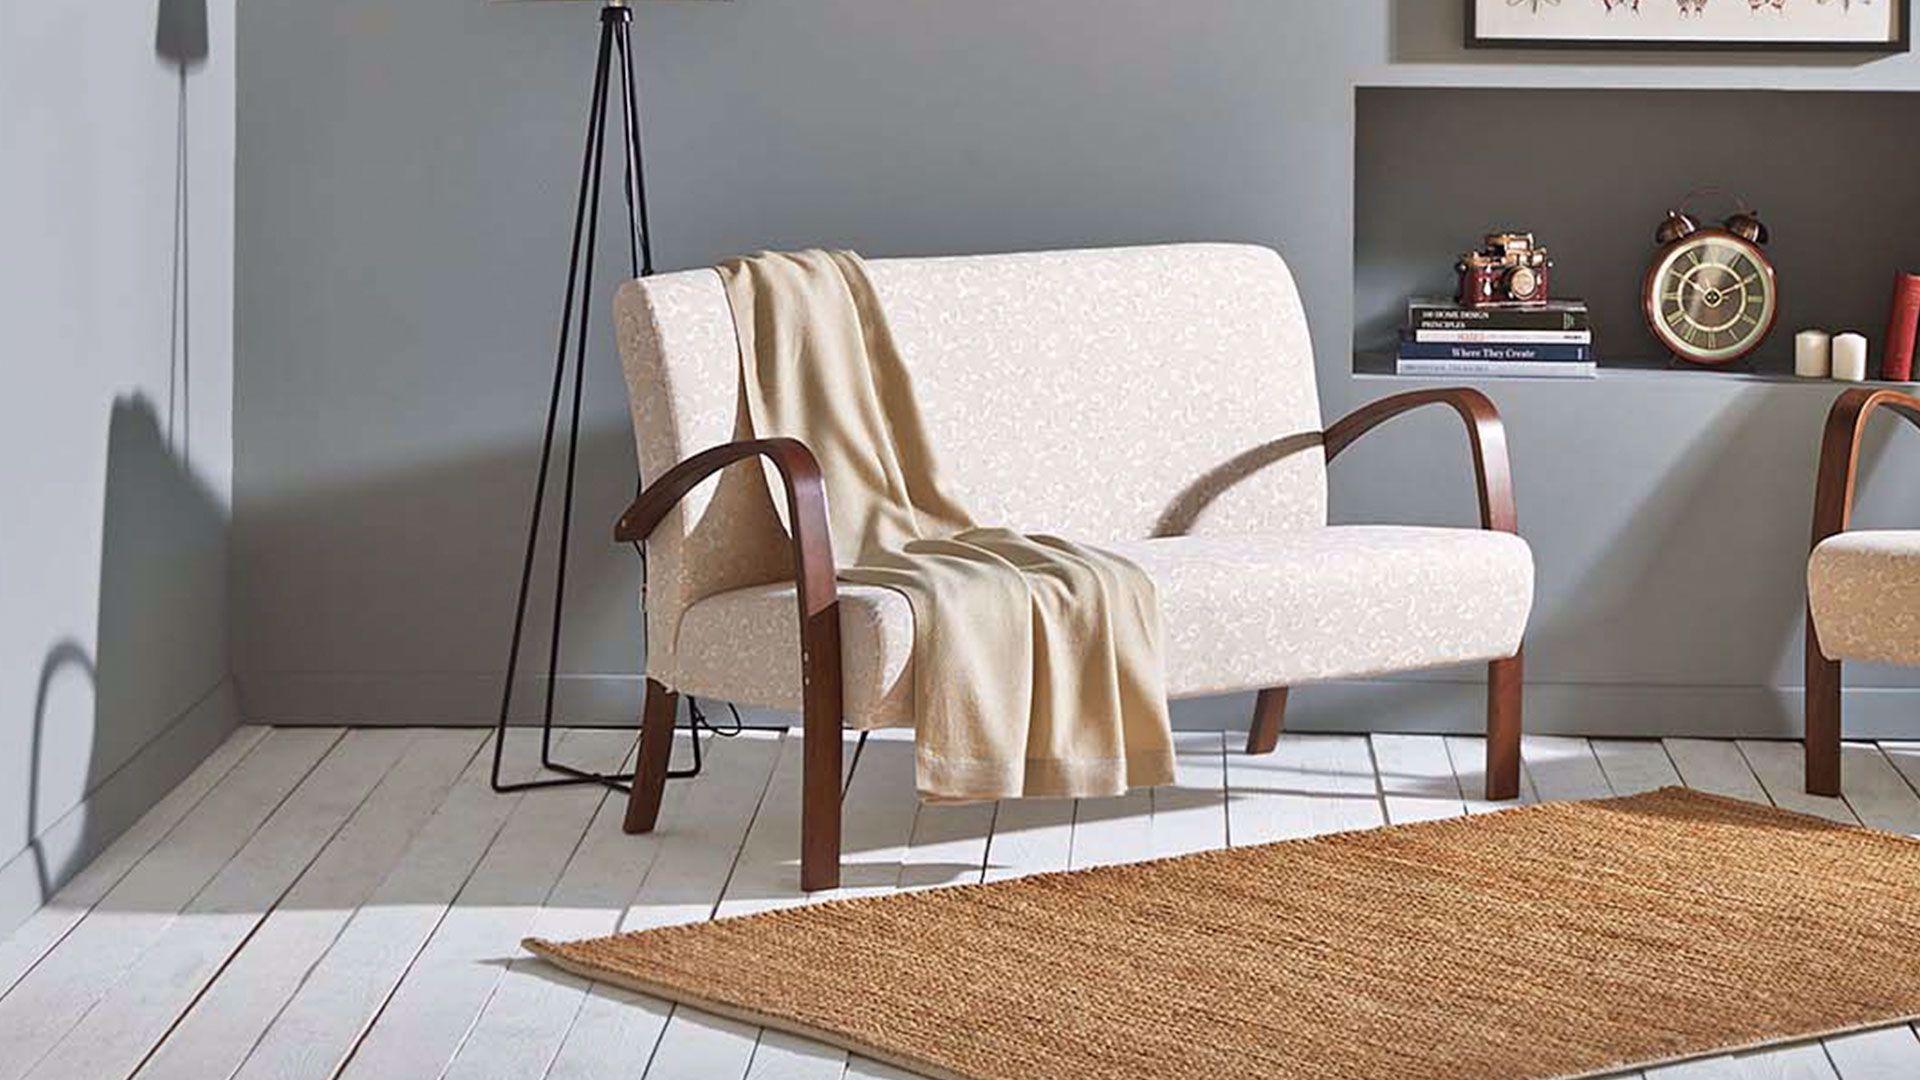 Toura Two-Seat Sofa